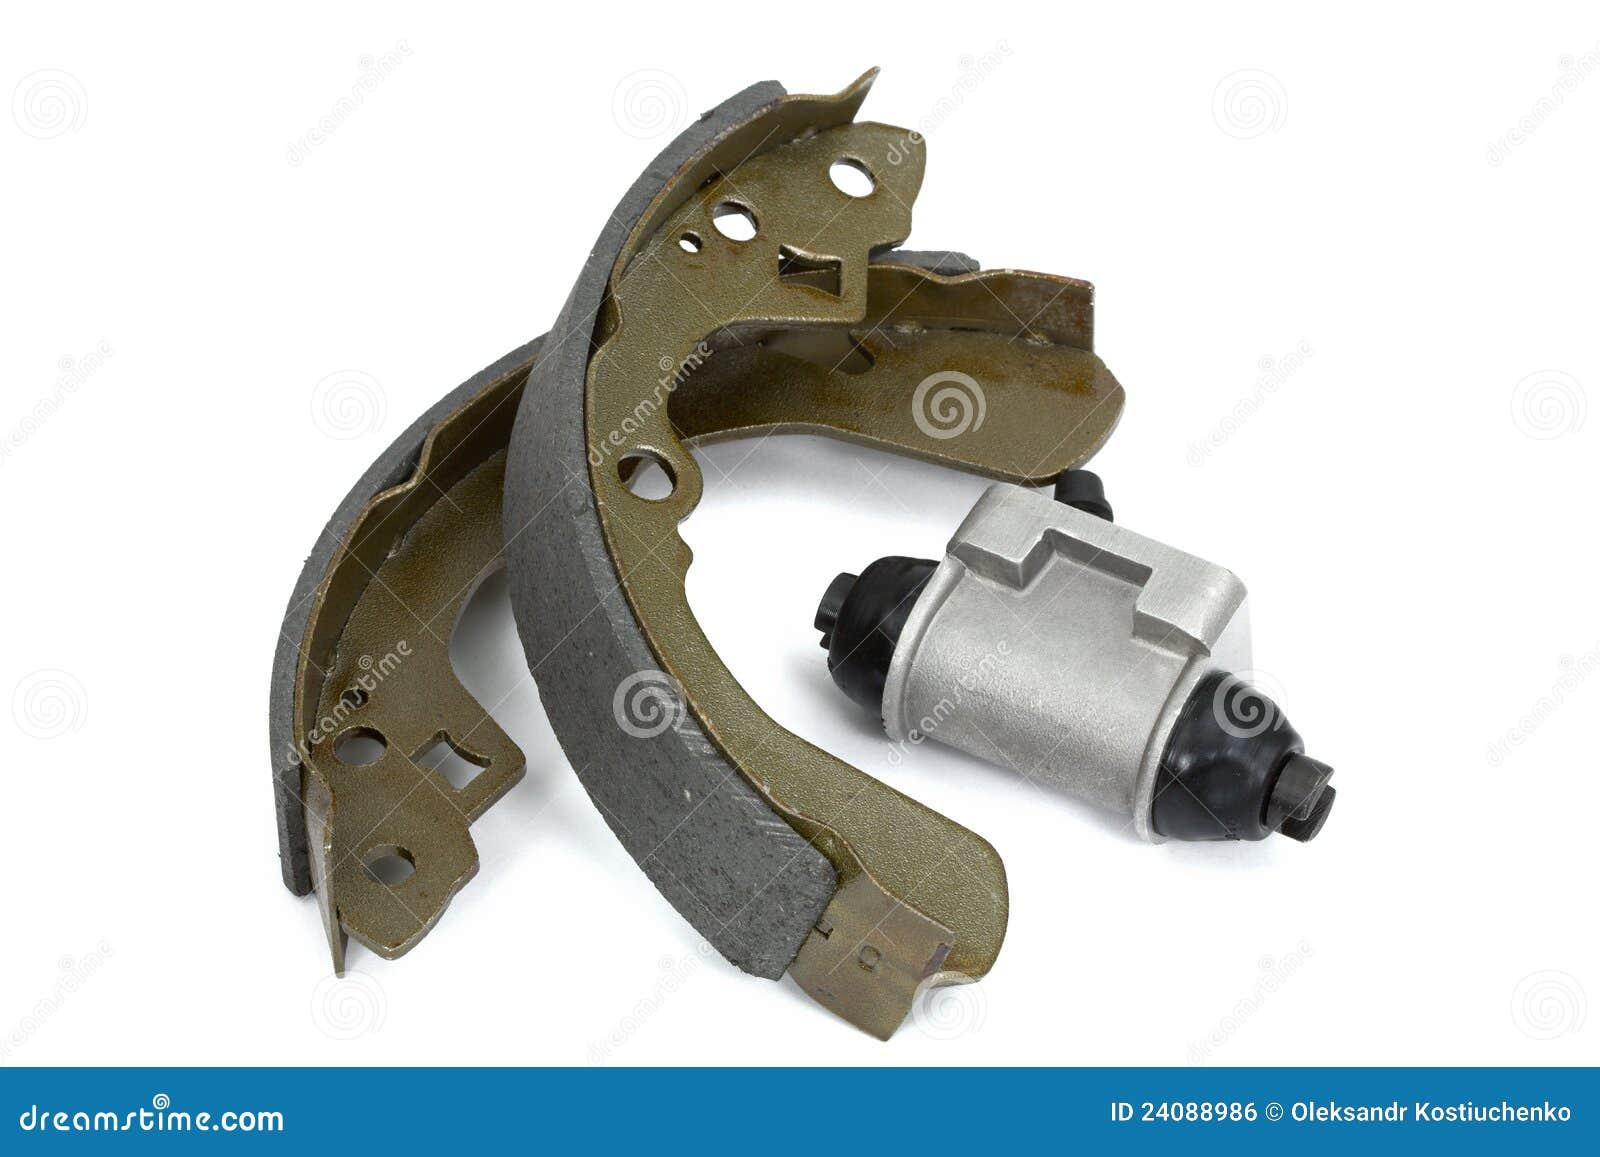 garnitures de frein et tambour de frein neufs de cylindre image libre de droits image 24088986. Black Bedroom Furniture Sets. Home Design Ideas